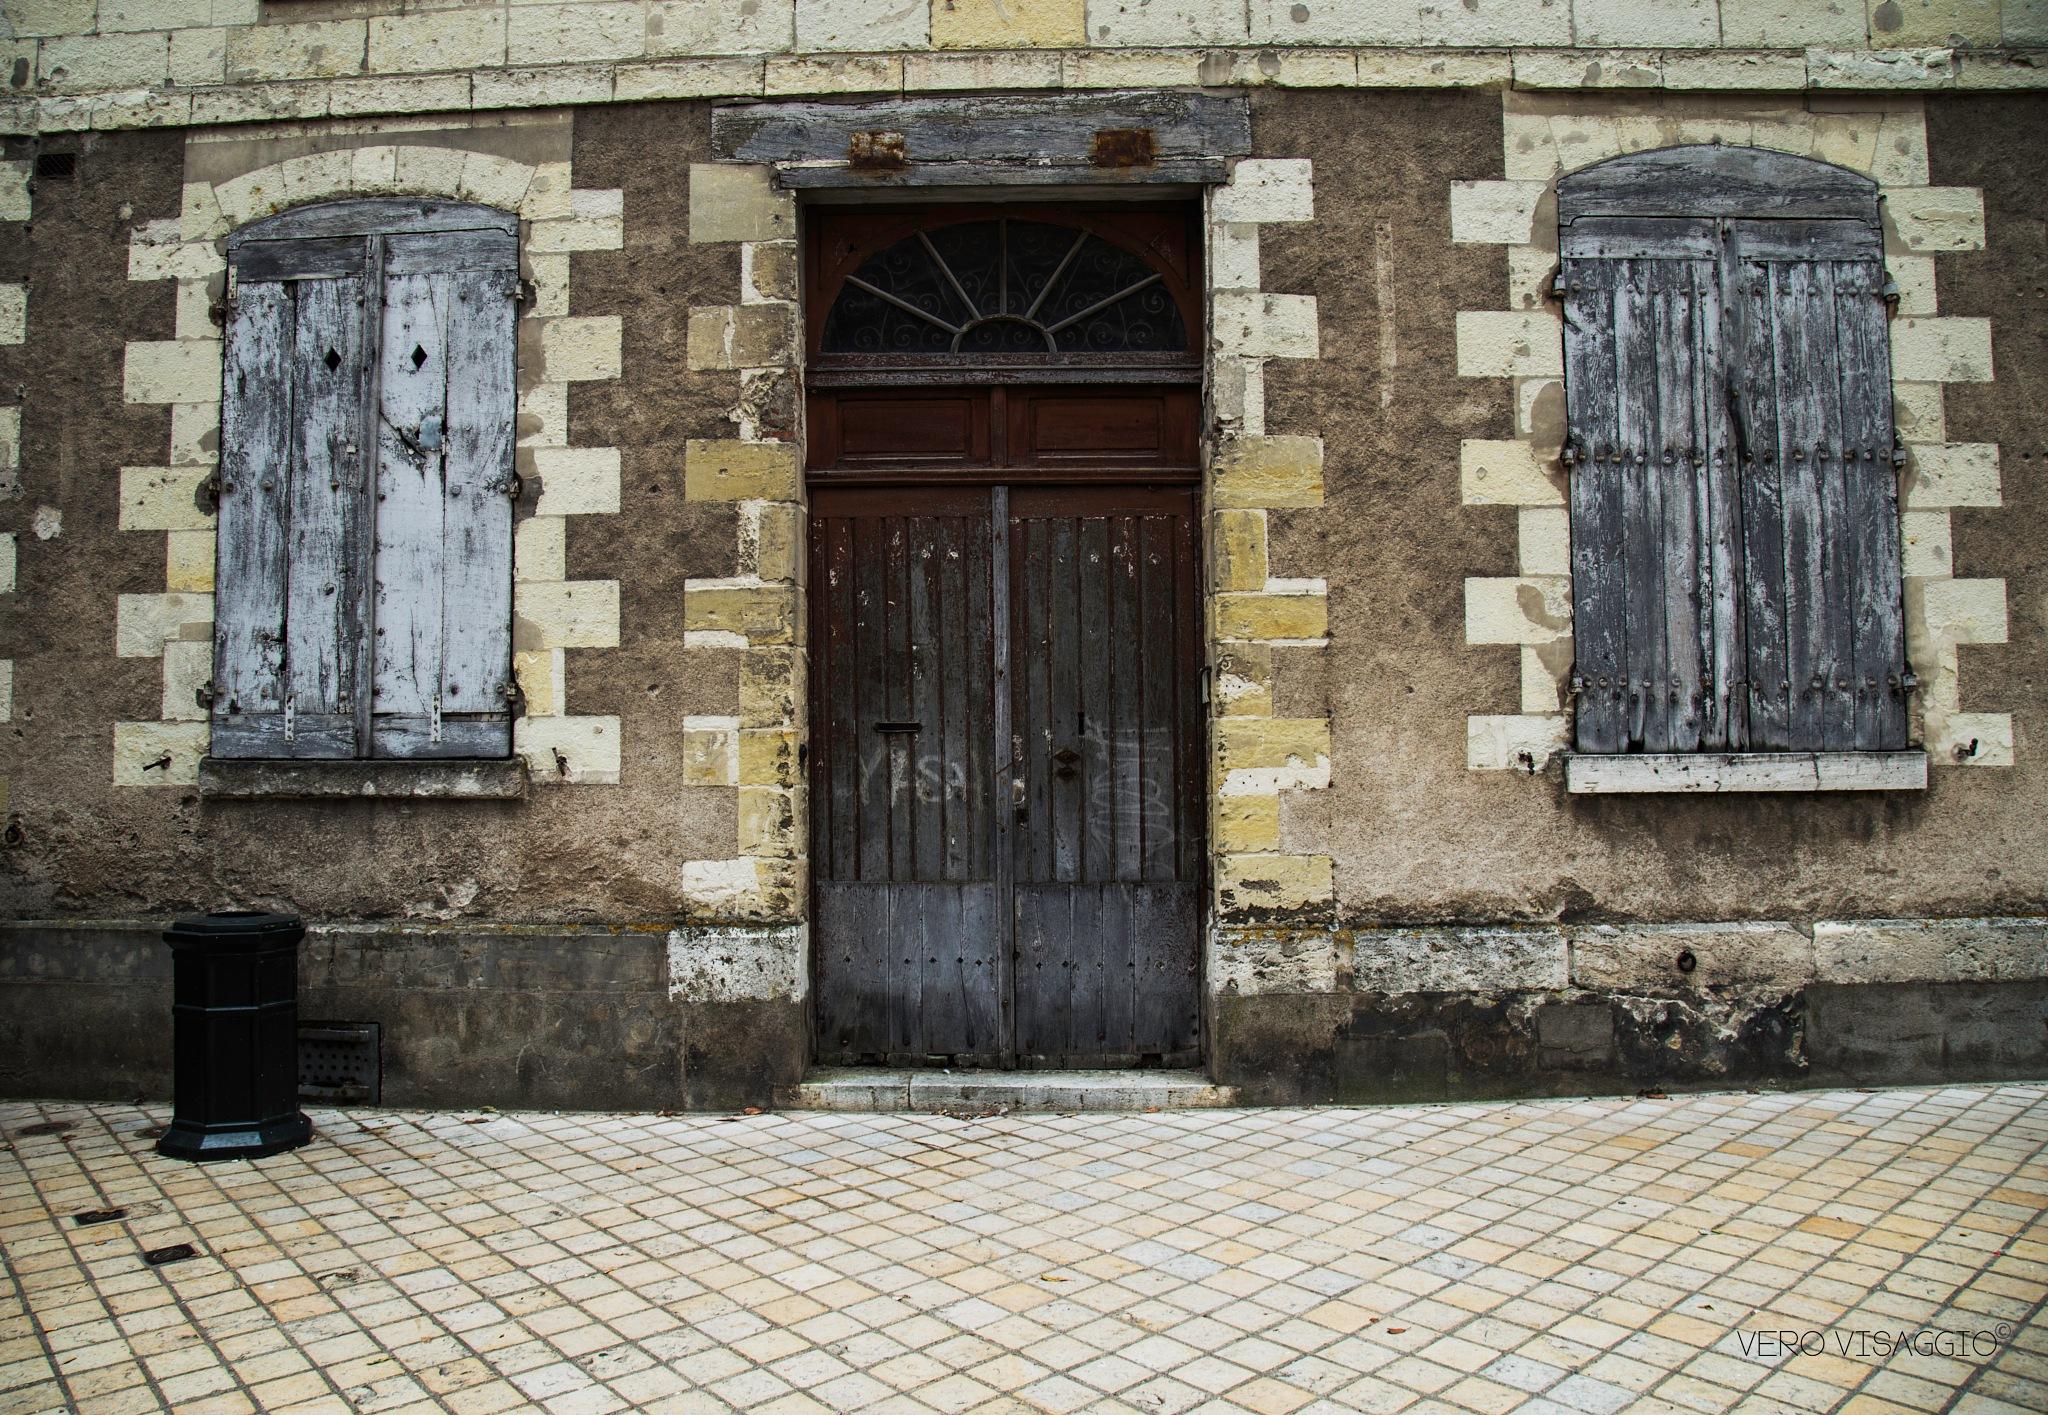 Castillo de Clos-Lucé by verovisaggio